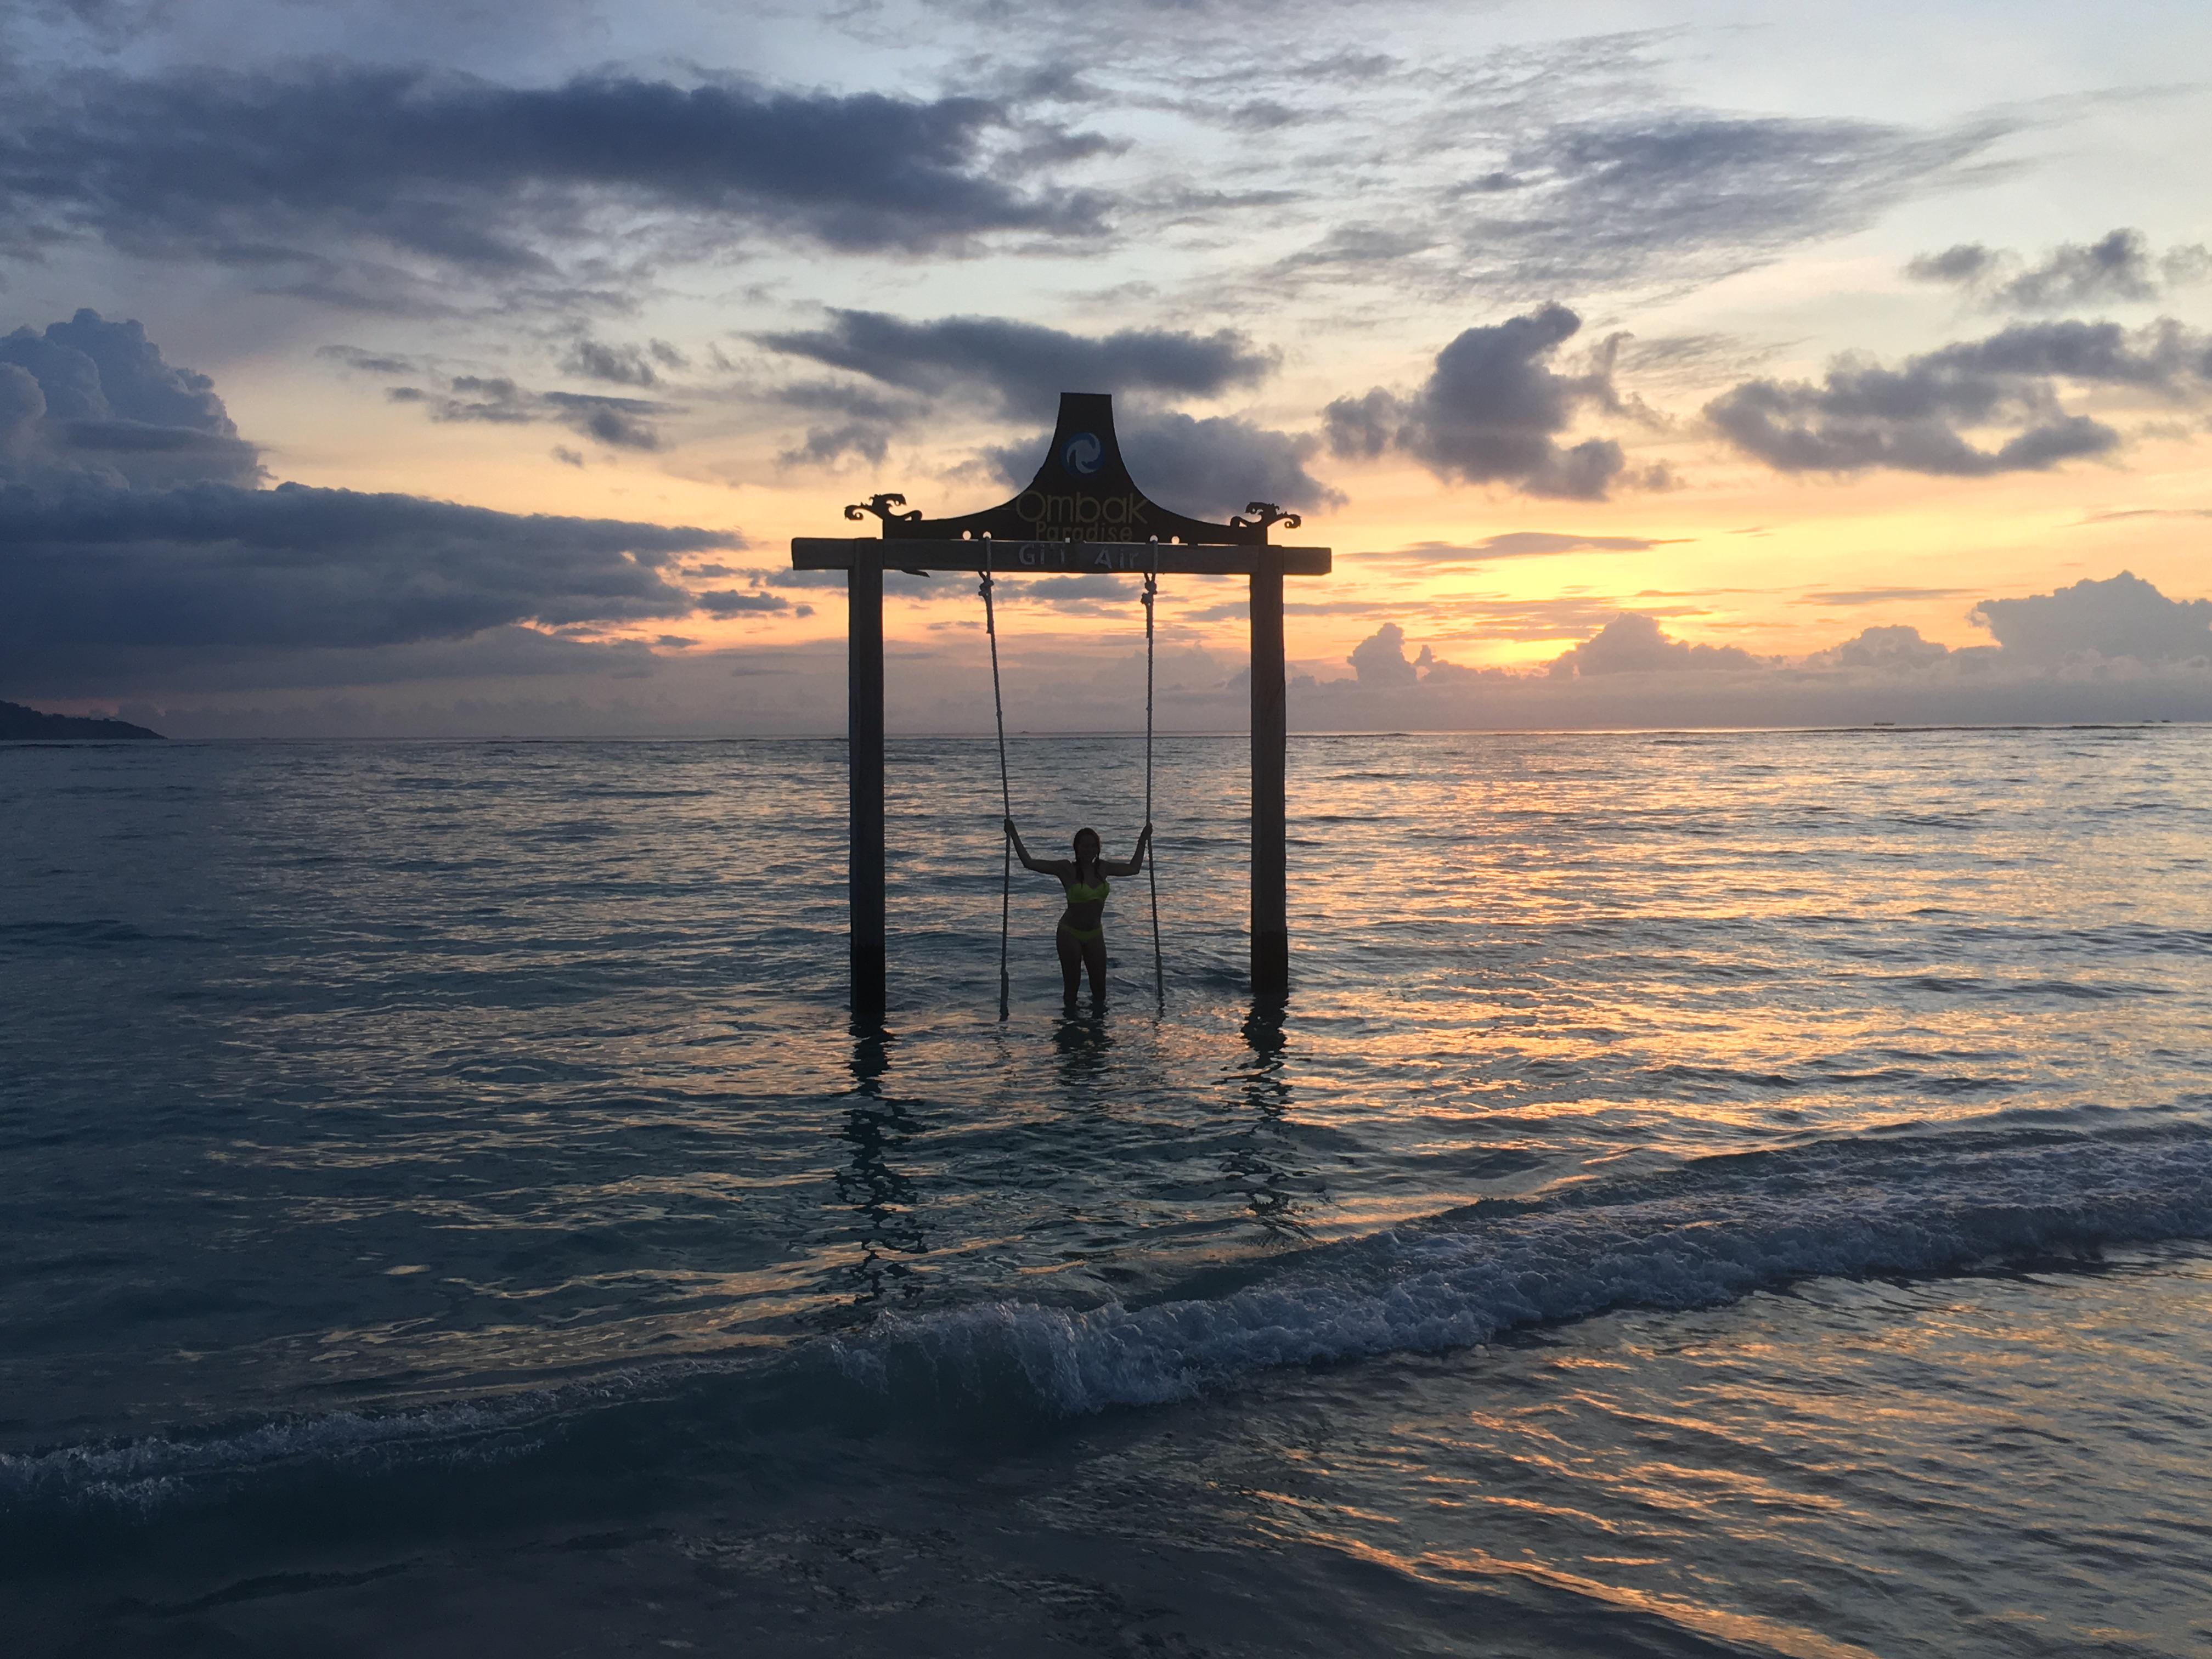 Gili eilanden, schommel, sunset